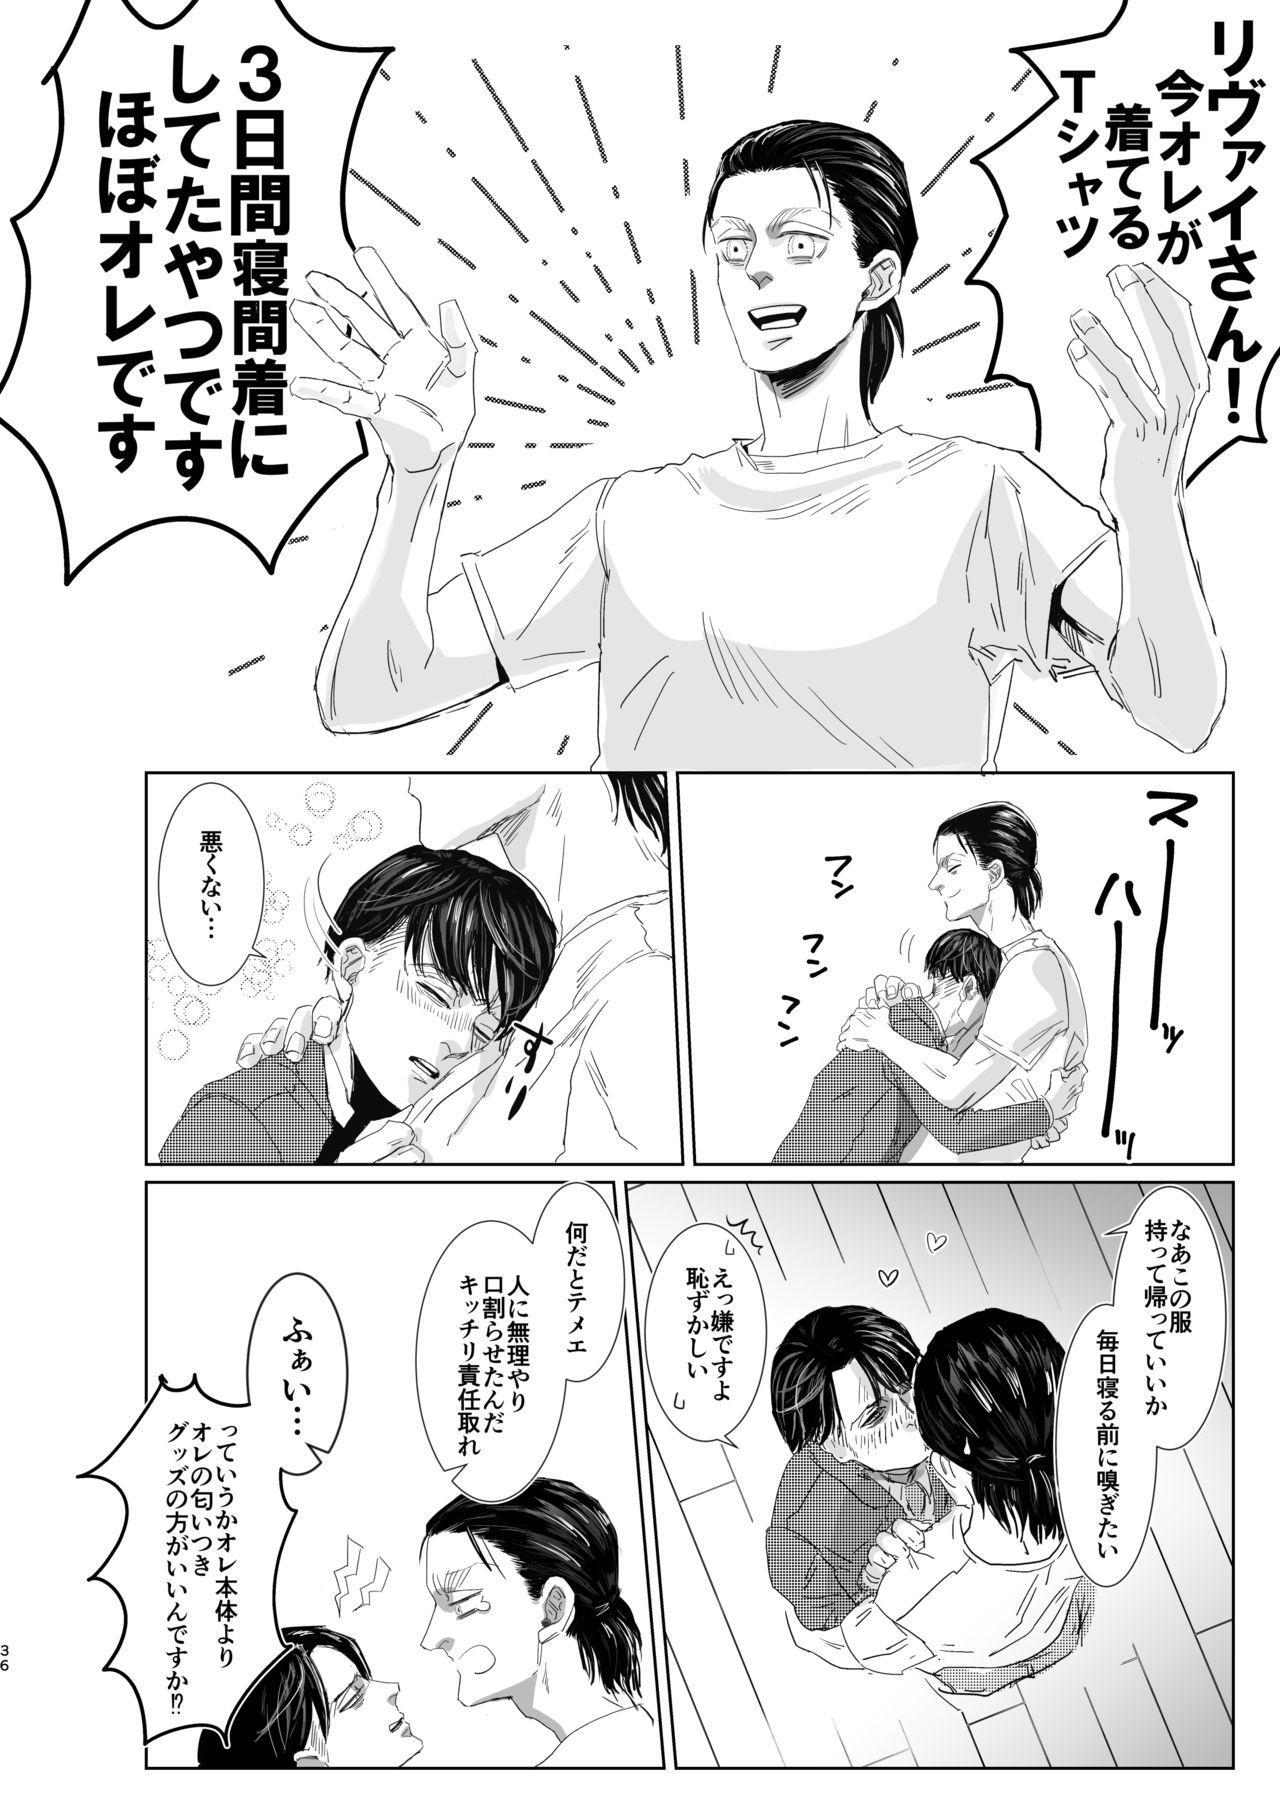 Ore no Kareshi ga Ore no Nioi o Sukisugite Komaru! 34